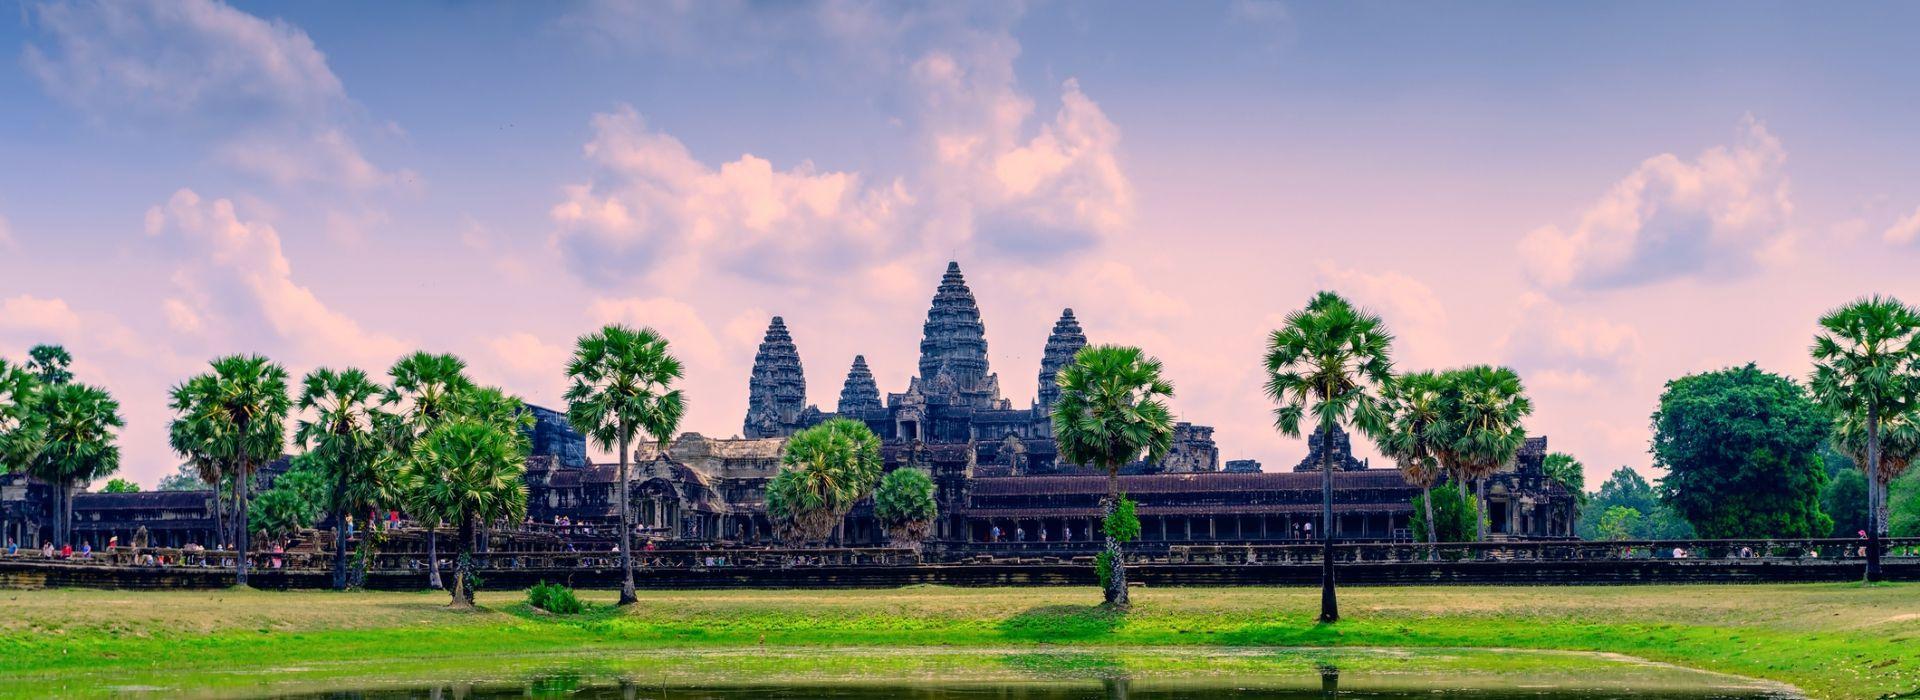 Adventure Tours in Cambodia